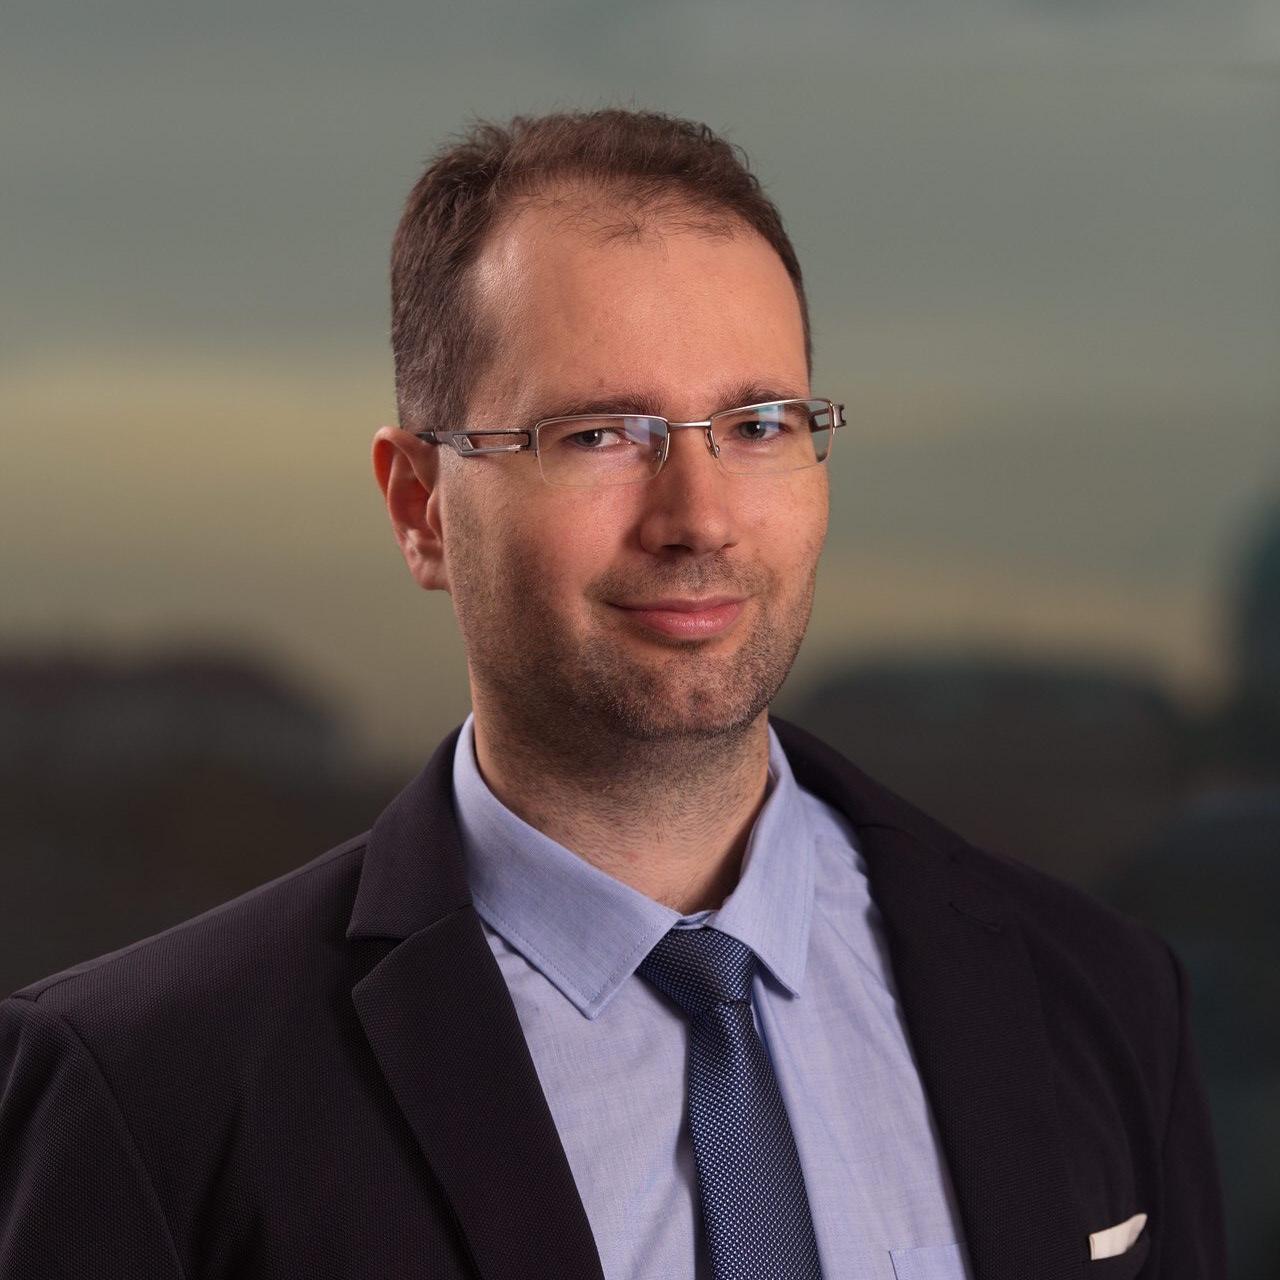 József Soltész Headshot